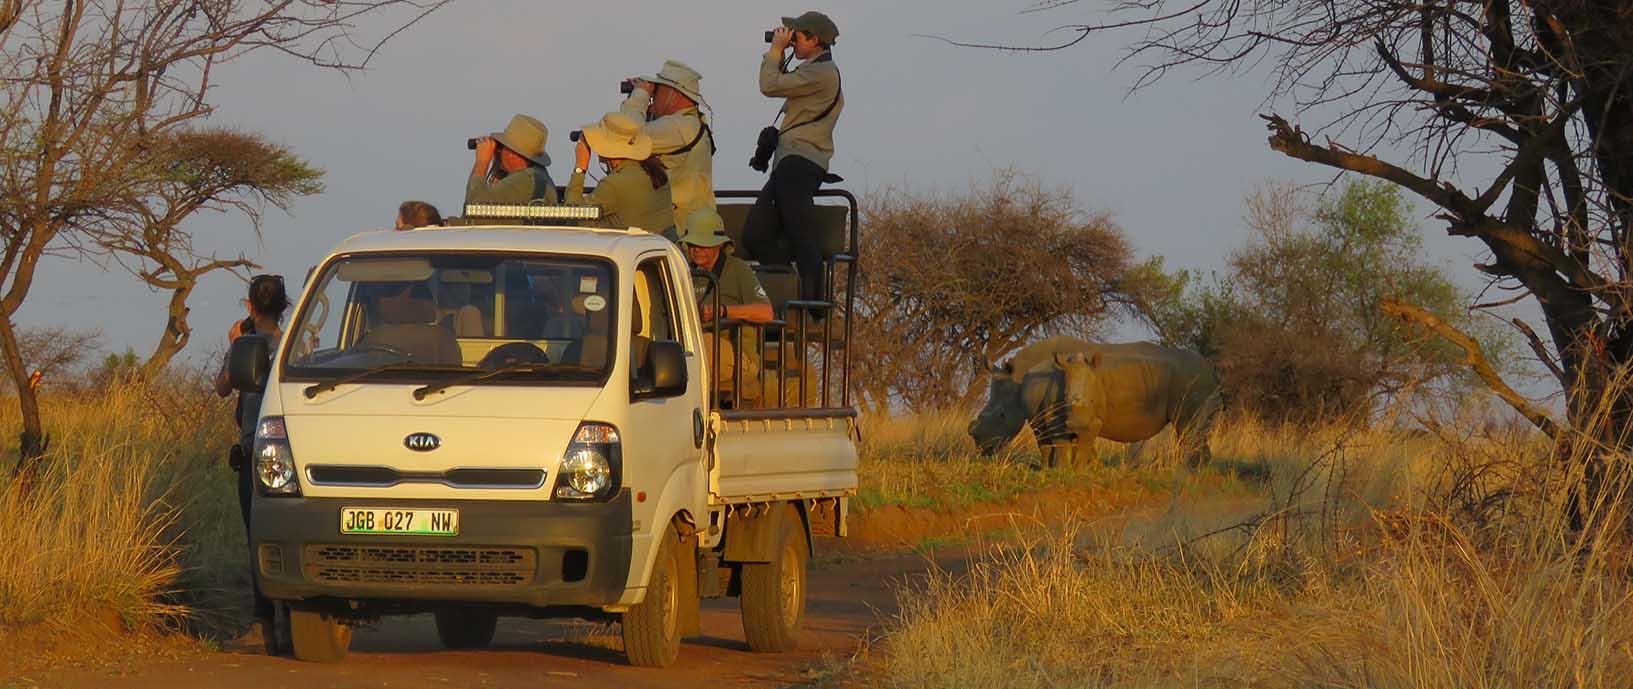 Endangered Rhino Conservation ERC Saving Rhinos Slider Image 5